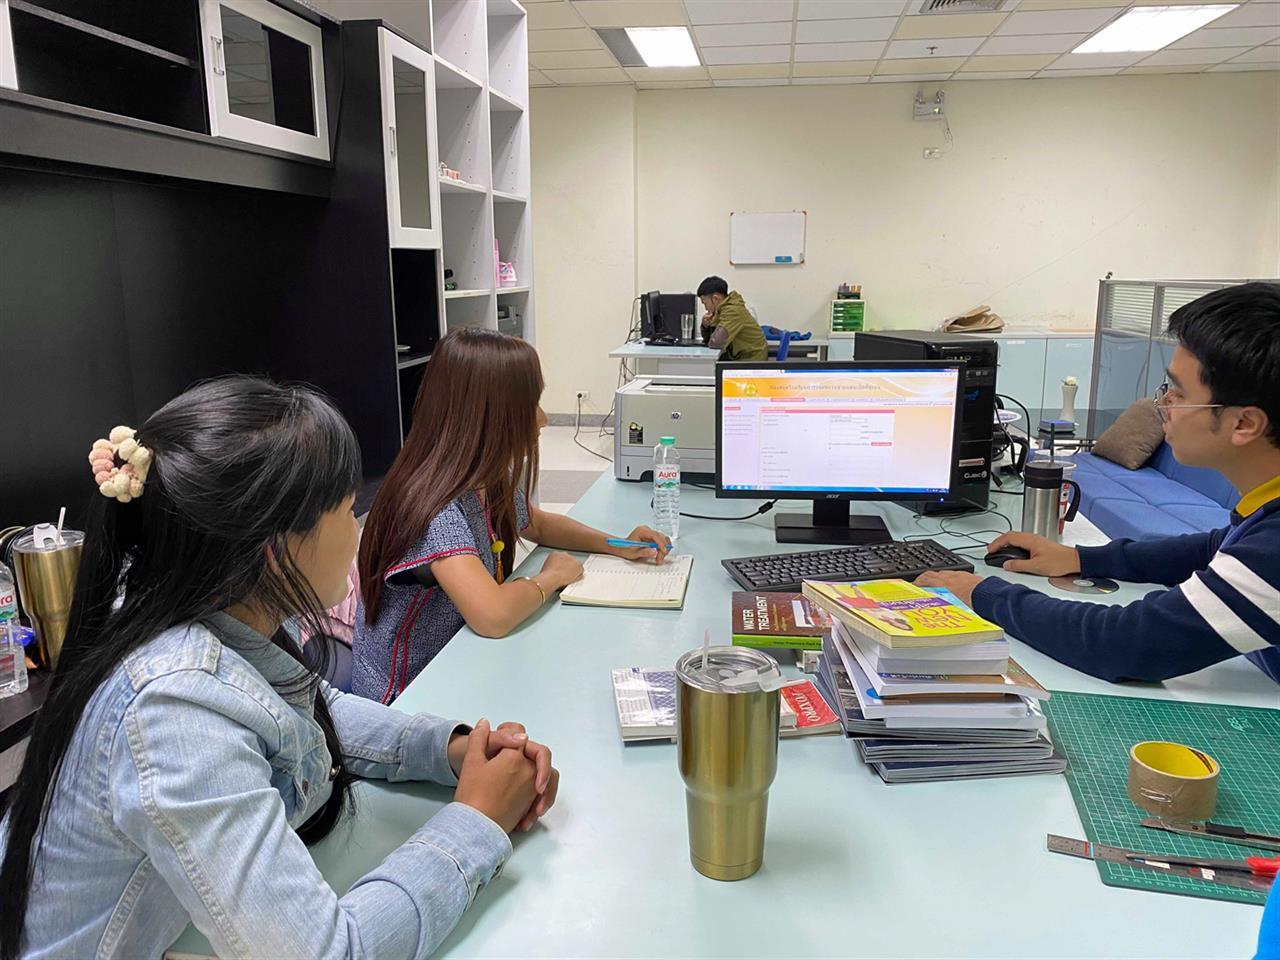 ให้ความรู้ด้านงานเทคนิคห้องสมุดและการบริการทรัพยากรสารสนเทศให้กับครูบรรณารักษ์